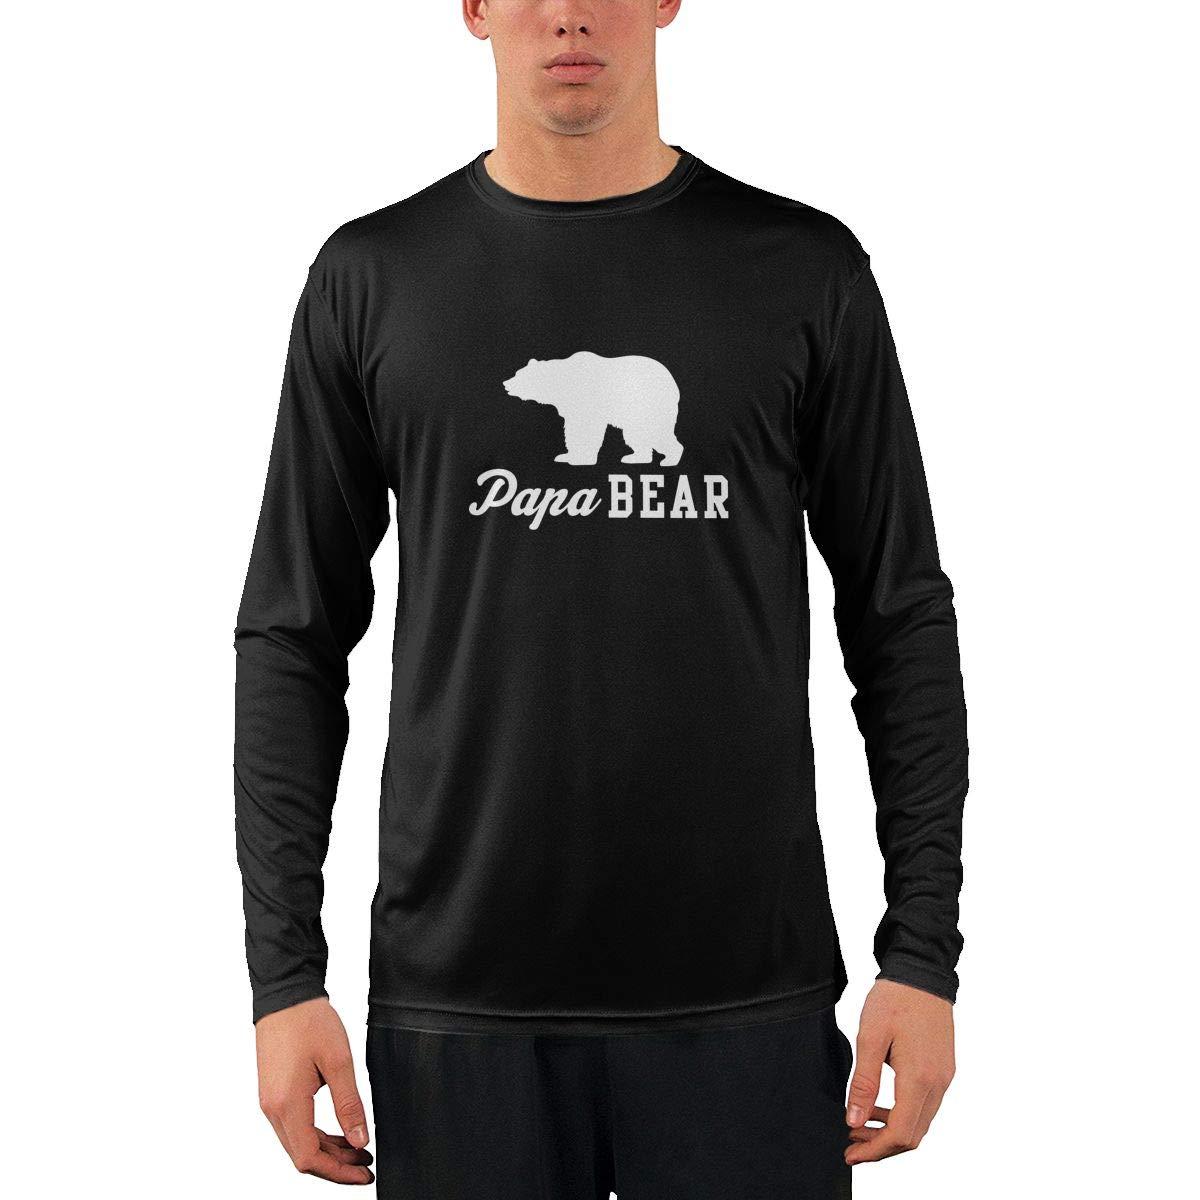 Papa Bear S Crew Neck Top Shirts